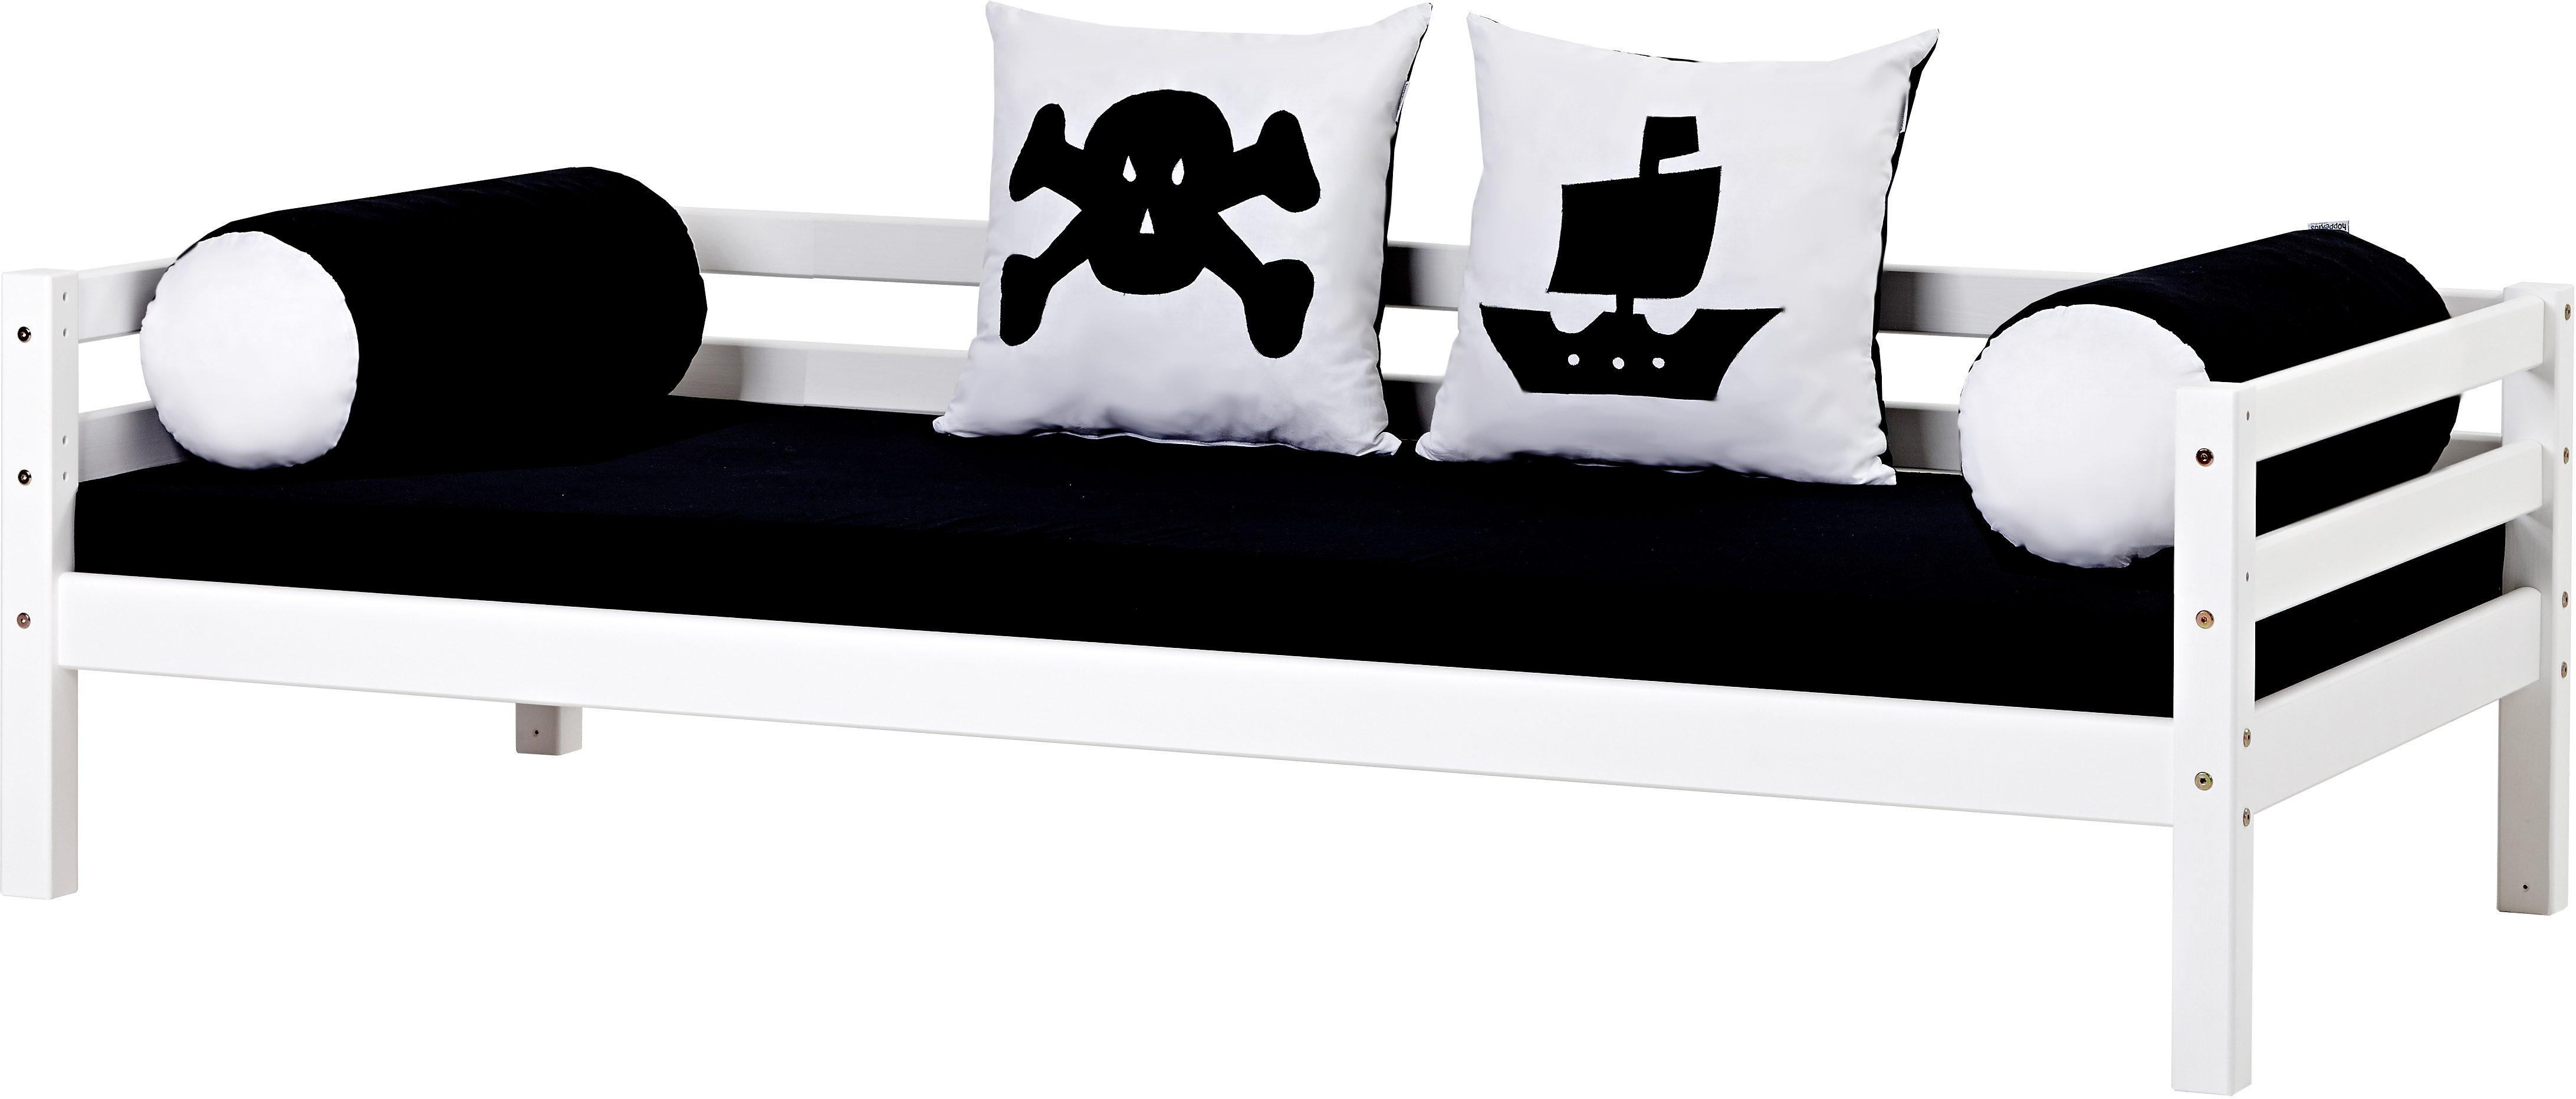 Hoppekids Piratenbett Pirat, inkl. Matratze und Rollrost schwarz-weiß Kinder Kinderbetten Kindermöbel